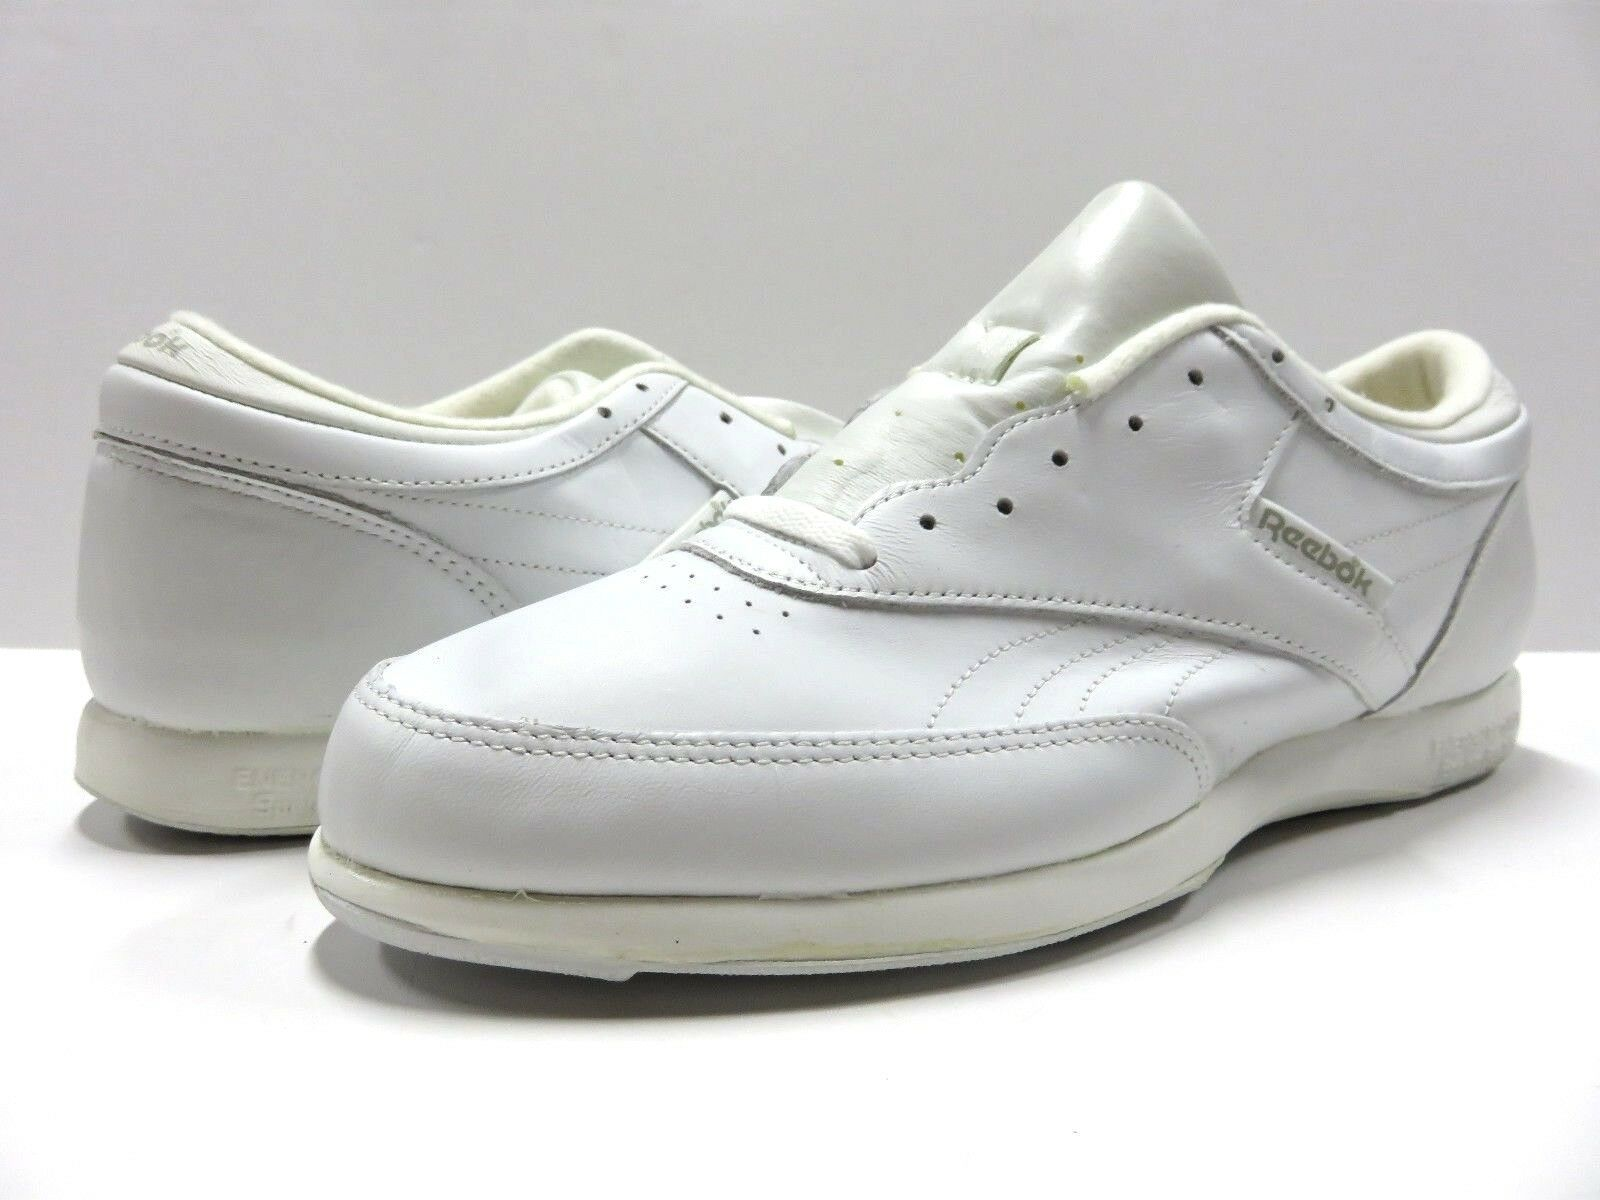 Reebok Fitness Walker bianca bianca bianca Leather Walking scarpe Uomo Sz 11.5 w  Original Box 4c50b4